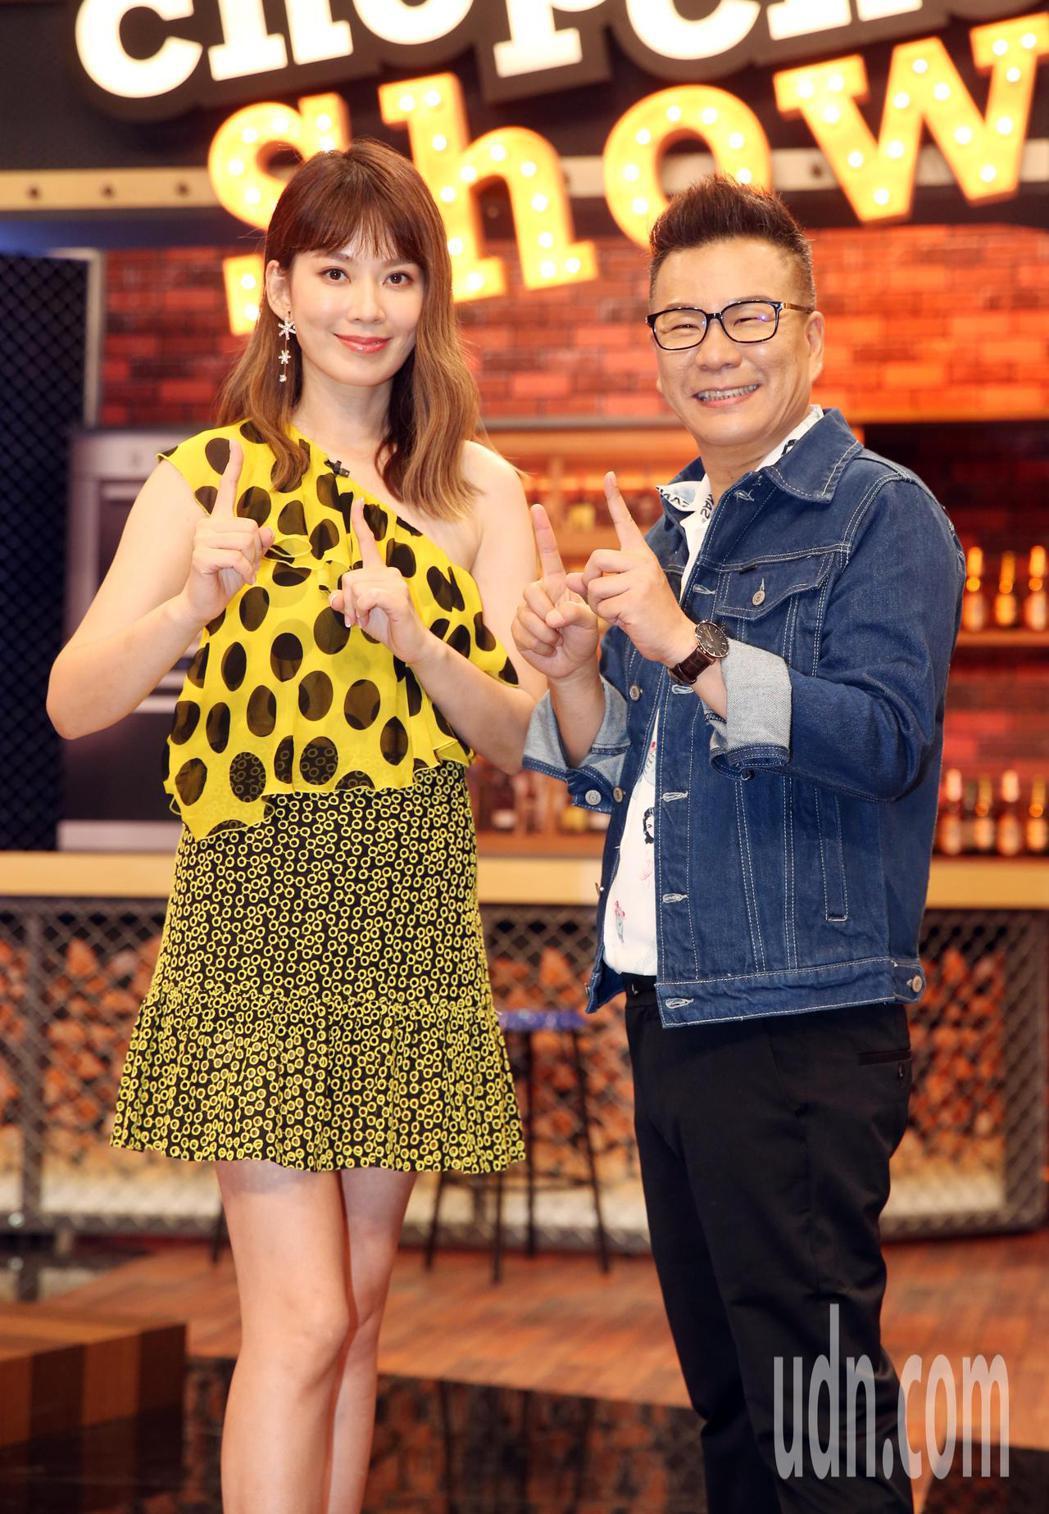 沈玉琳、Melody主持新節目11點熱吵店 。記者曾吉松/攝影